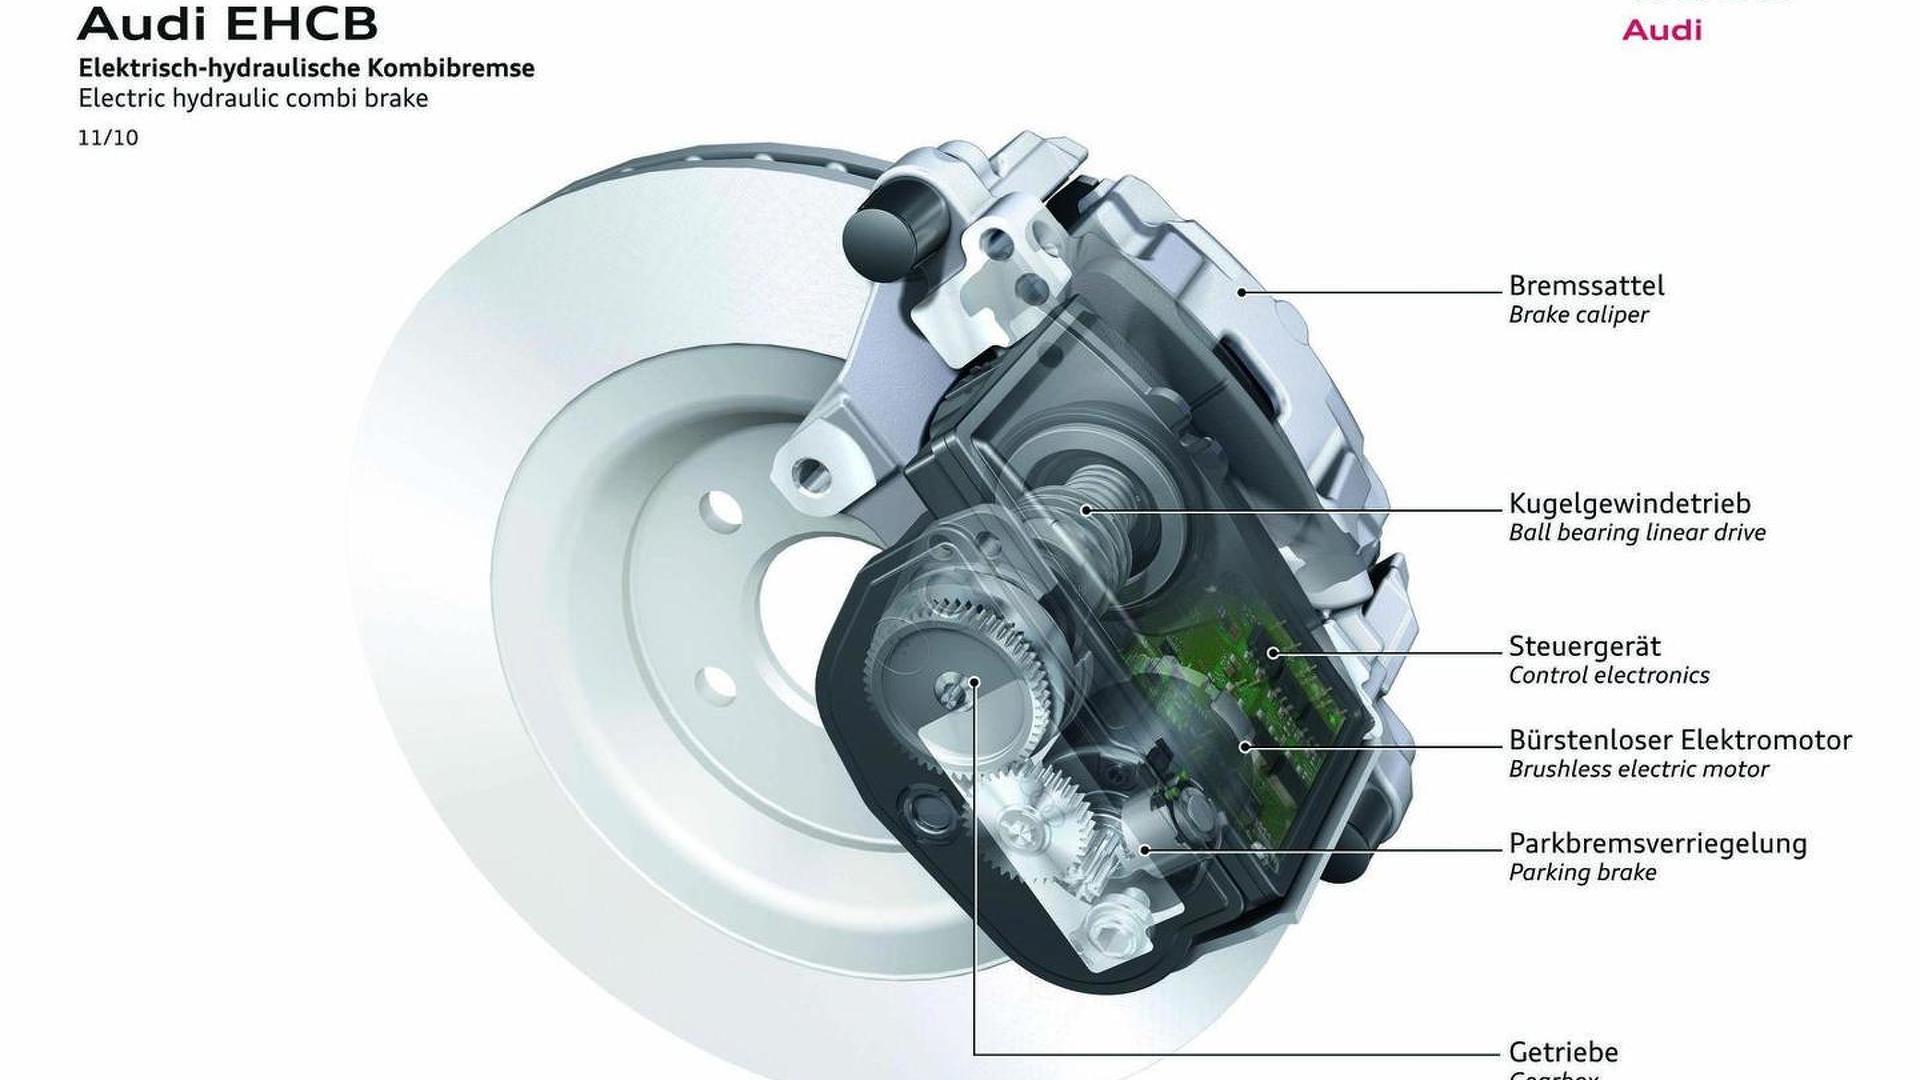 Audi Q5 Hybrid quattro details released [video]